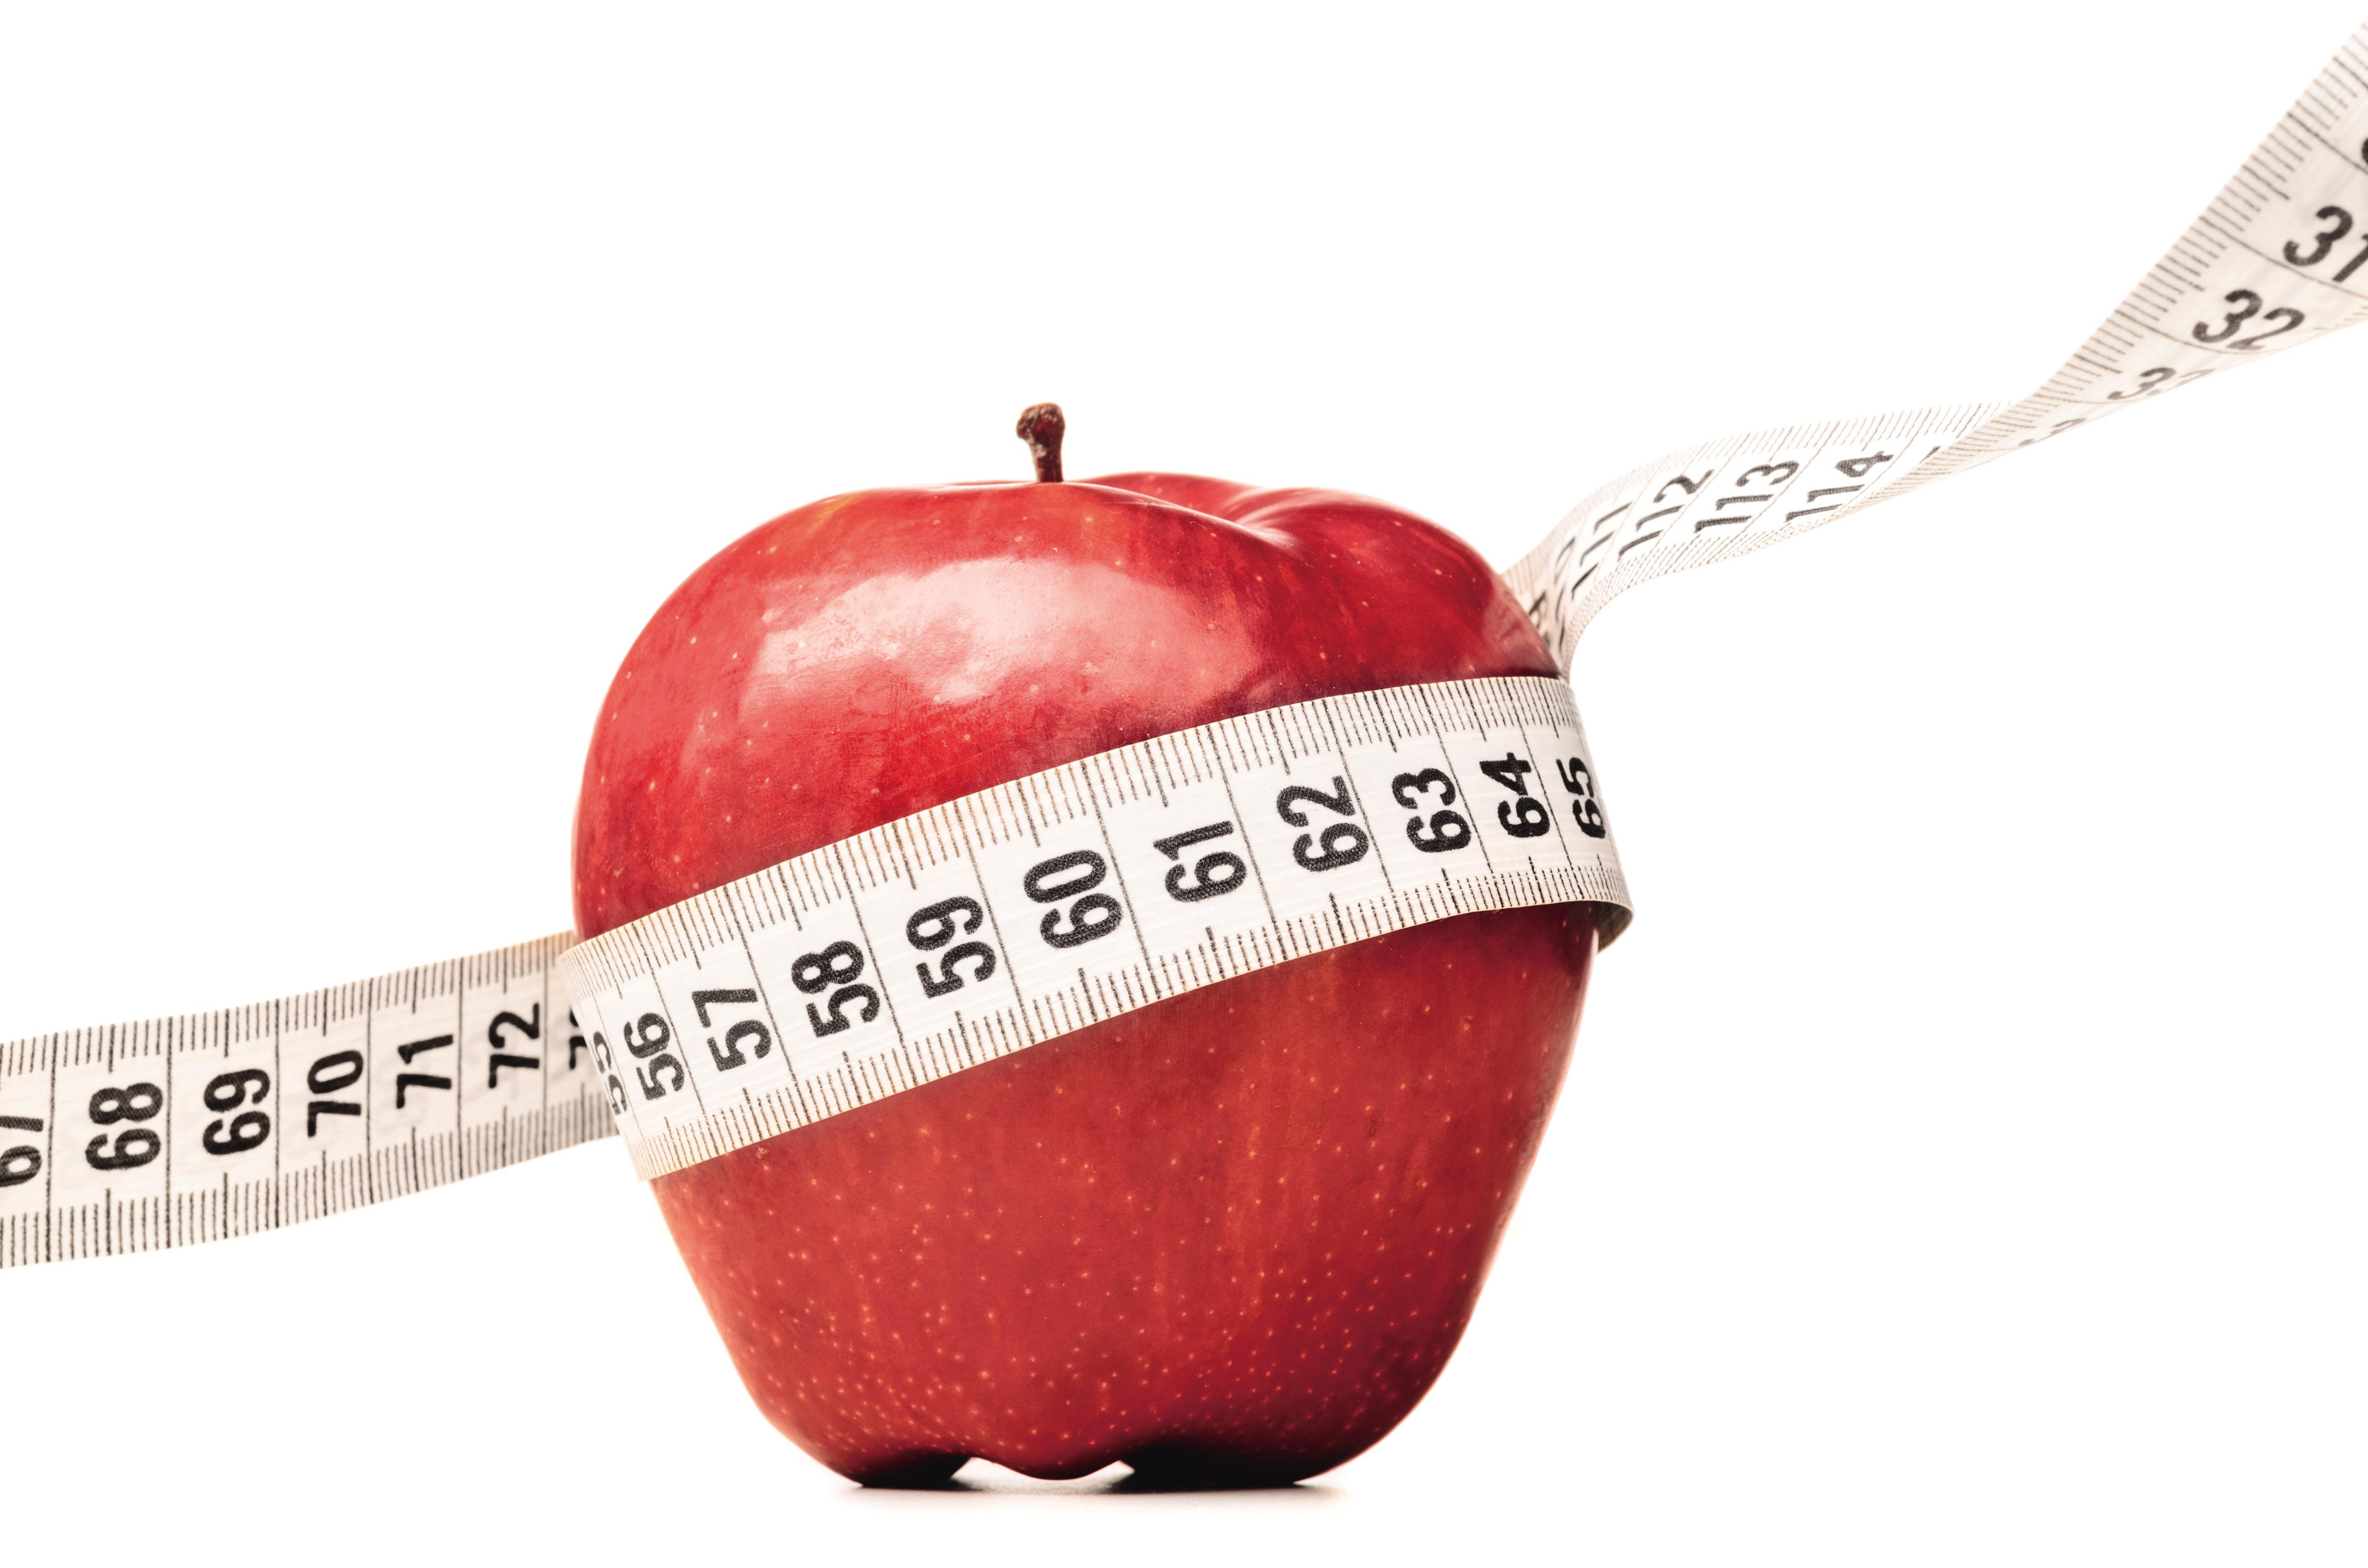 수능 뒤 굶는 무리한 다이어트, 자칫 뼈 건강 골골